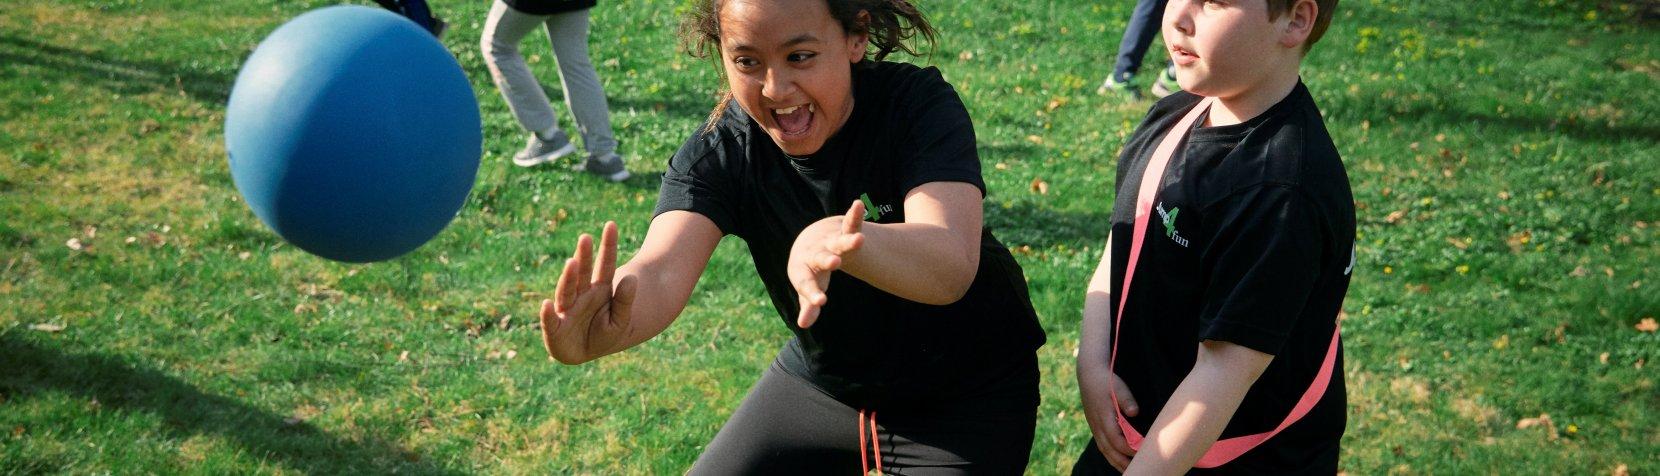 Jump4fun -aktive børn